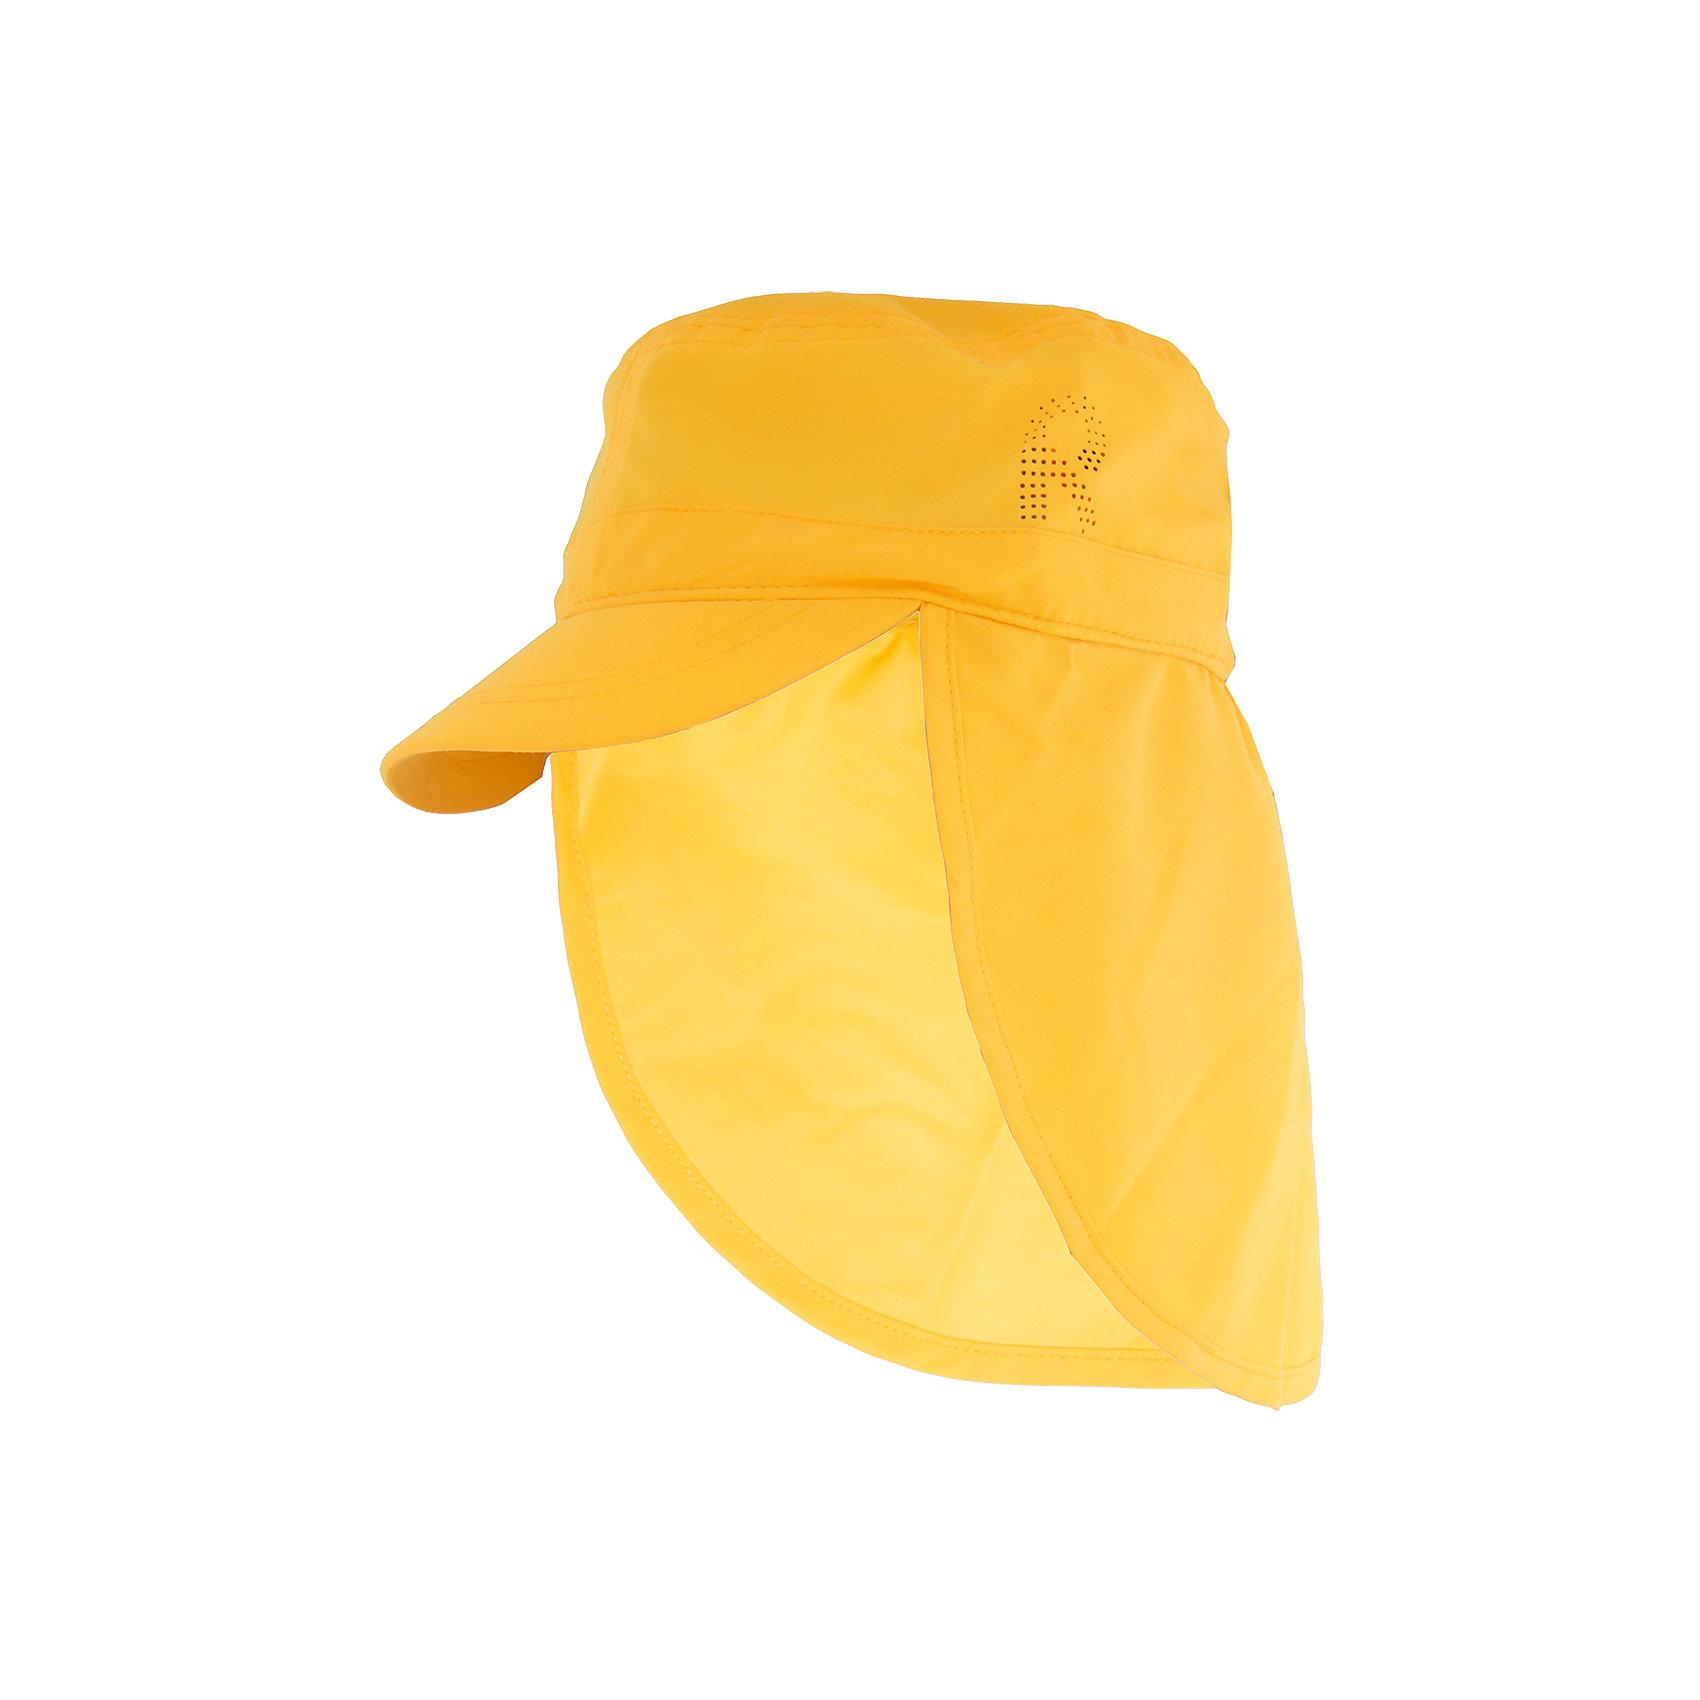 Панама Aloha ReimaШапки и шарфы<br>Характеристики товара:<br><br>• цвет: желтый<br>• состав: 100% полиэстер<br>• защитный козырек<br>• без подкладки<br>• удлиненная сзади<br>• декоративный логотип<br>• фактор защиты от ультрафиолета: 50+<br>• комфортная посадка<br>• страна производства: Китай<br>• страна бренда: Финляндия<br>• коллекция: весна-лето 2017<br><br>Детский головной убор может быть модным и удобным одновременно! Стильная панама поможет обеспечить ребенку комфорт и дополнить наряд. Она отлично смотрится с различной одеждой. Панама удобно сидит и аккуратно выглядит. Проста в уходе, долго служит. Стильный дизайн разрабатывался специально для детей. Отличная защита от солнца!<br><br>Одежда и обувь от финского бренда Reima пользуется популярностью во многих странах. Эти изделия стильные, качественные и удобные. Для производства продукции используются только безопасные, проверенные материалы и фурнитура. Порадуйте ребенка модными и красивыми вещами от Reima! <br><br>Панаму для мальчика от финского бренда Reima (Рейма) можно купить в нашем интернет-магазине.<br><br>Ширина мм: 89<br>Глубина мм: 117<br>Высота мм: 44<br>Вес г: 155<br>Цвет: желтый<br>Возраст от месяцев: 18<br>Возраст до месяцев: 36<br>Пол: Унисекс<br>Возраст: Детский<br>Размер: 50,54,52,48,56<br>SKU: 5267766